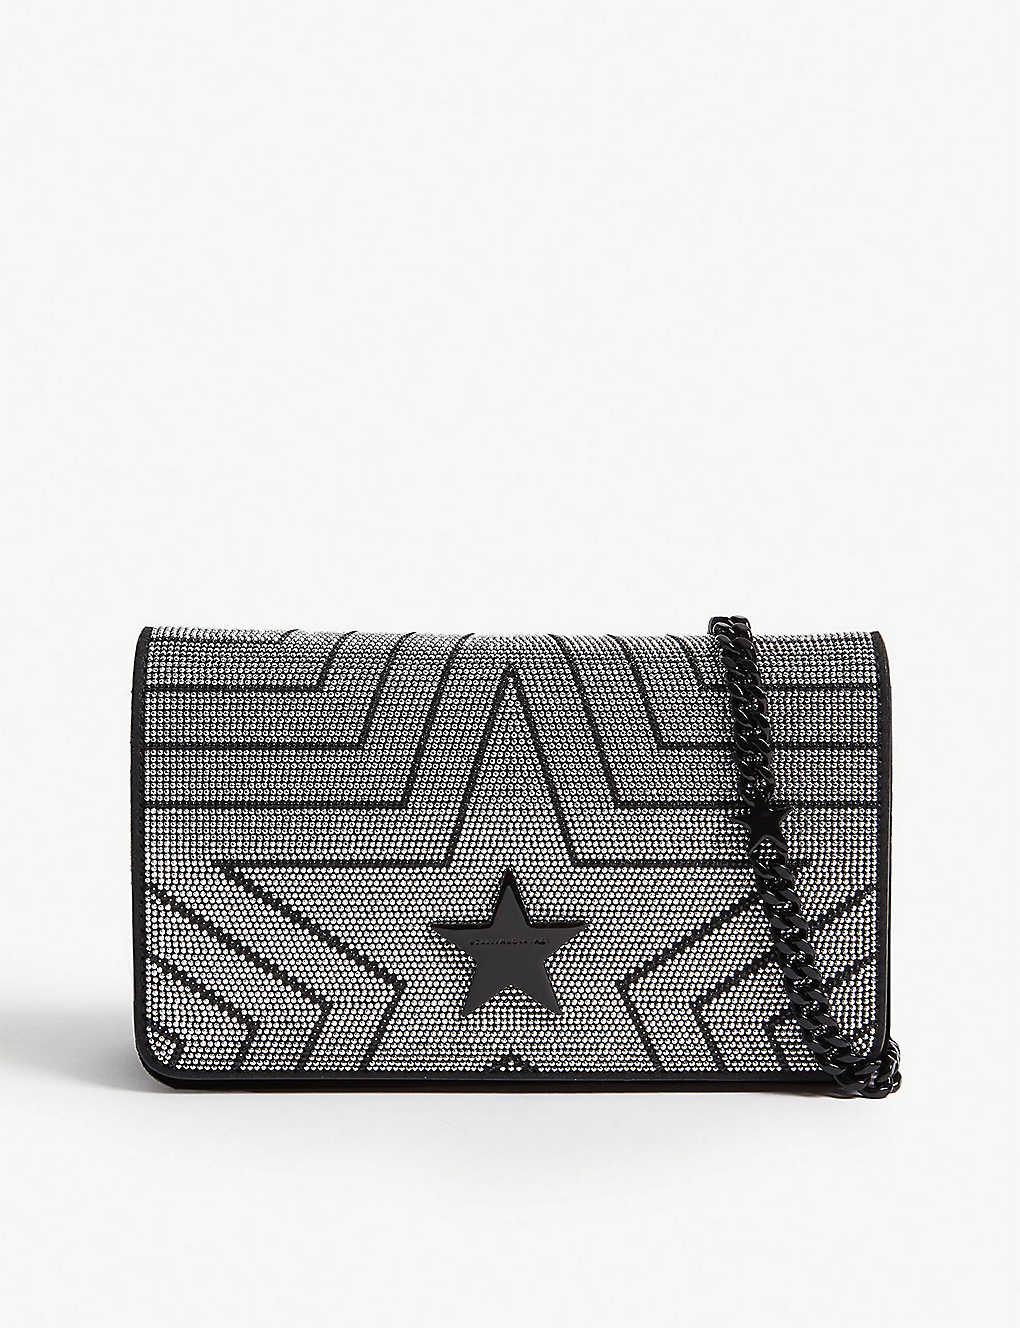 STELLA MCCARTNEY - Stella star shoulder bag  fa781df2bddc8